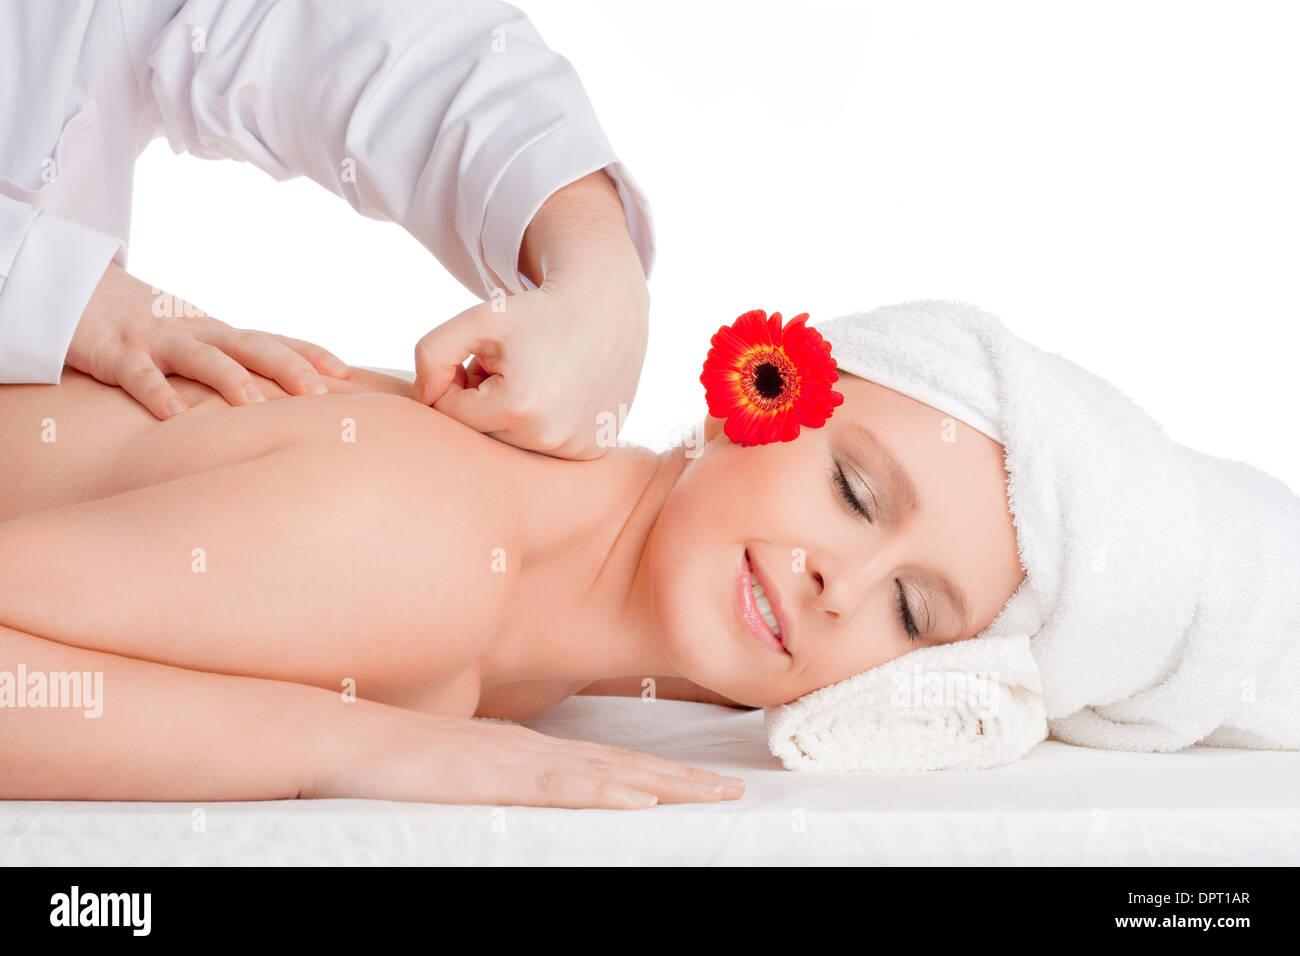 Beautiful Woman Enjoying Back Massage at Beauty Spa - Stock Image